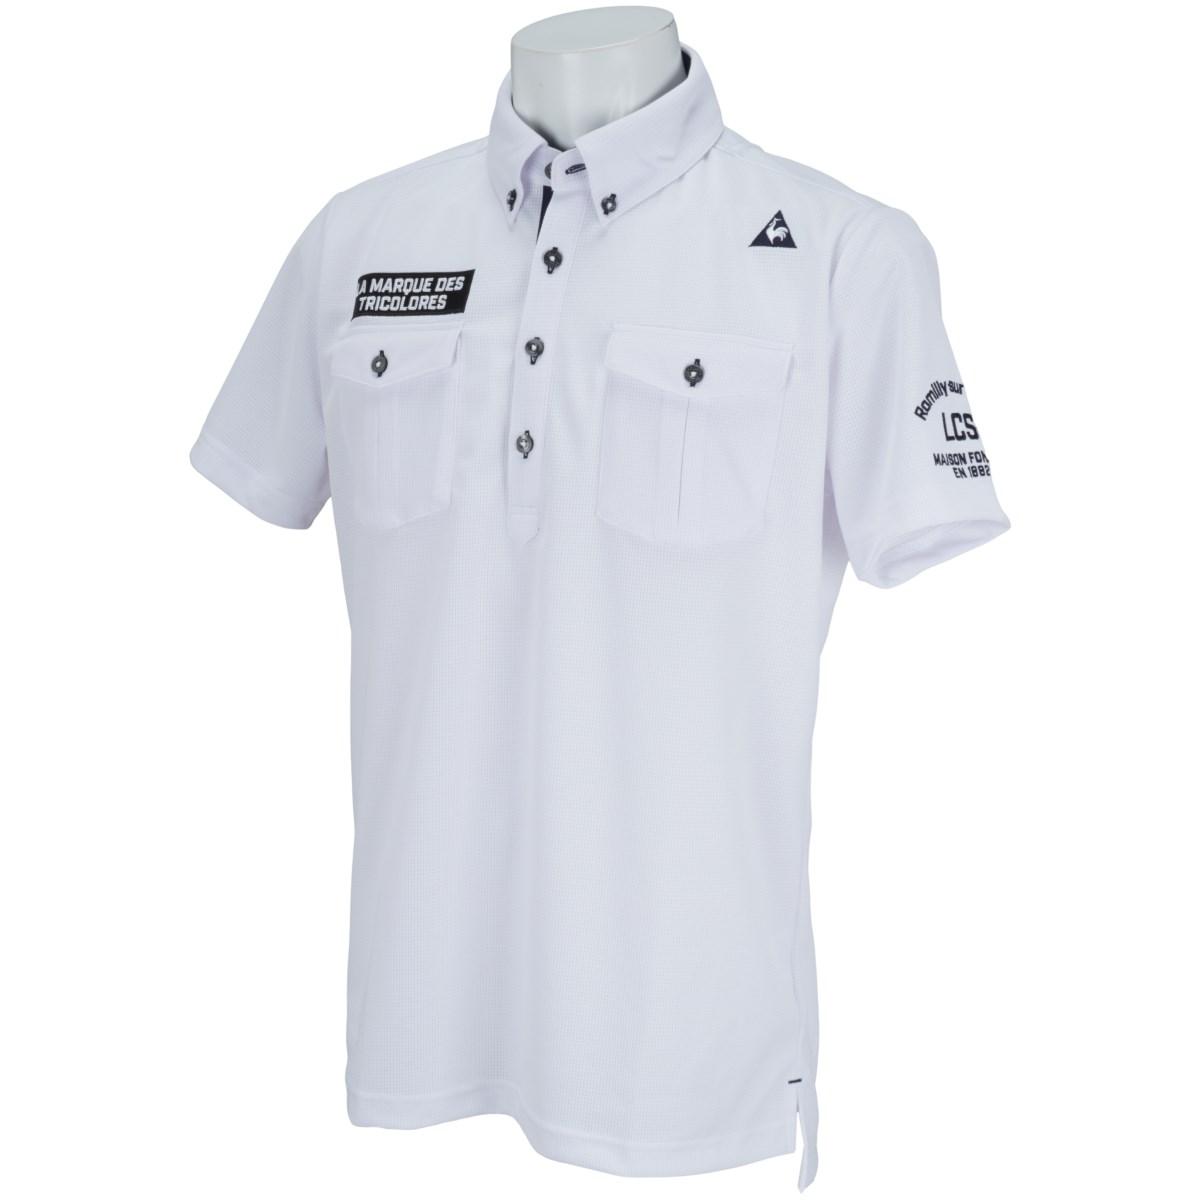 ルコックゴルフ Le coq sportif GOLF サンスクリーン半袖ポロシャツ L ホワイト 00